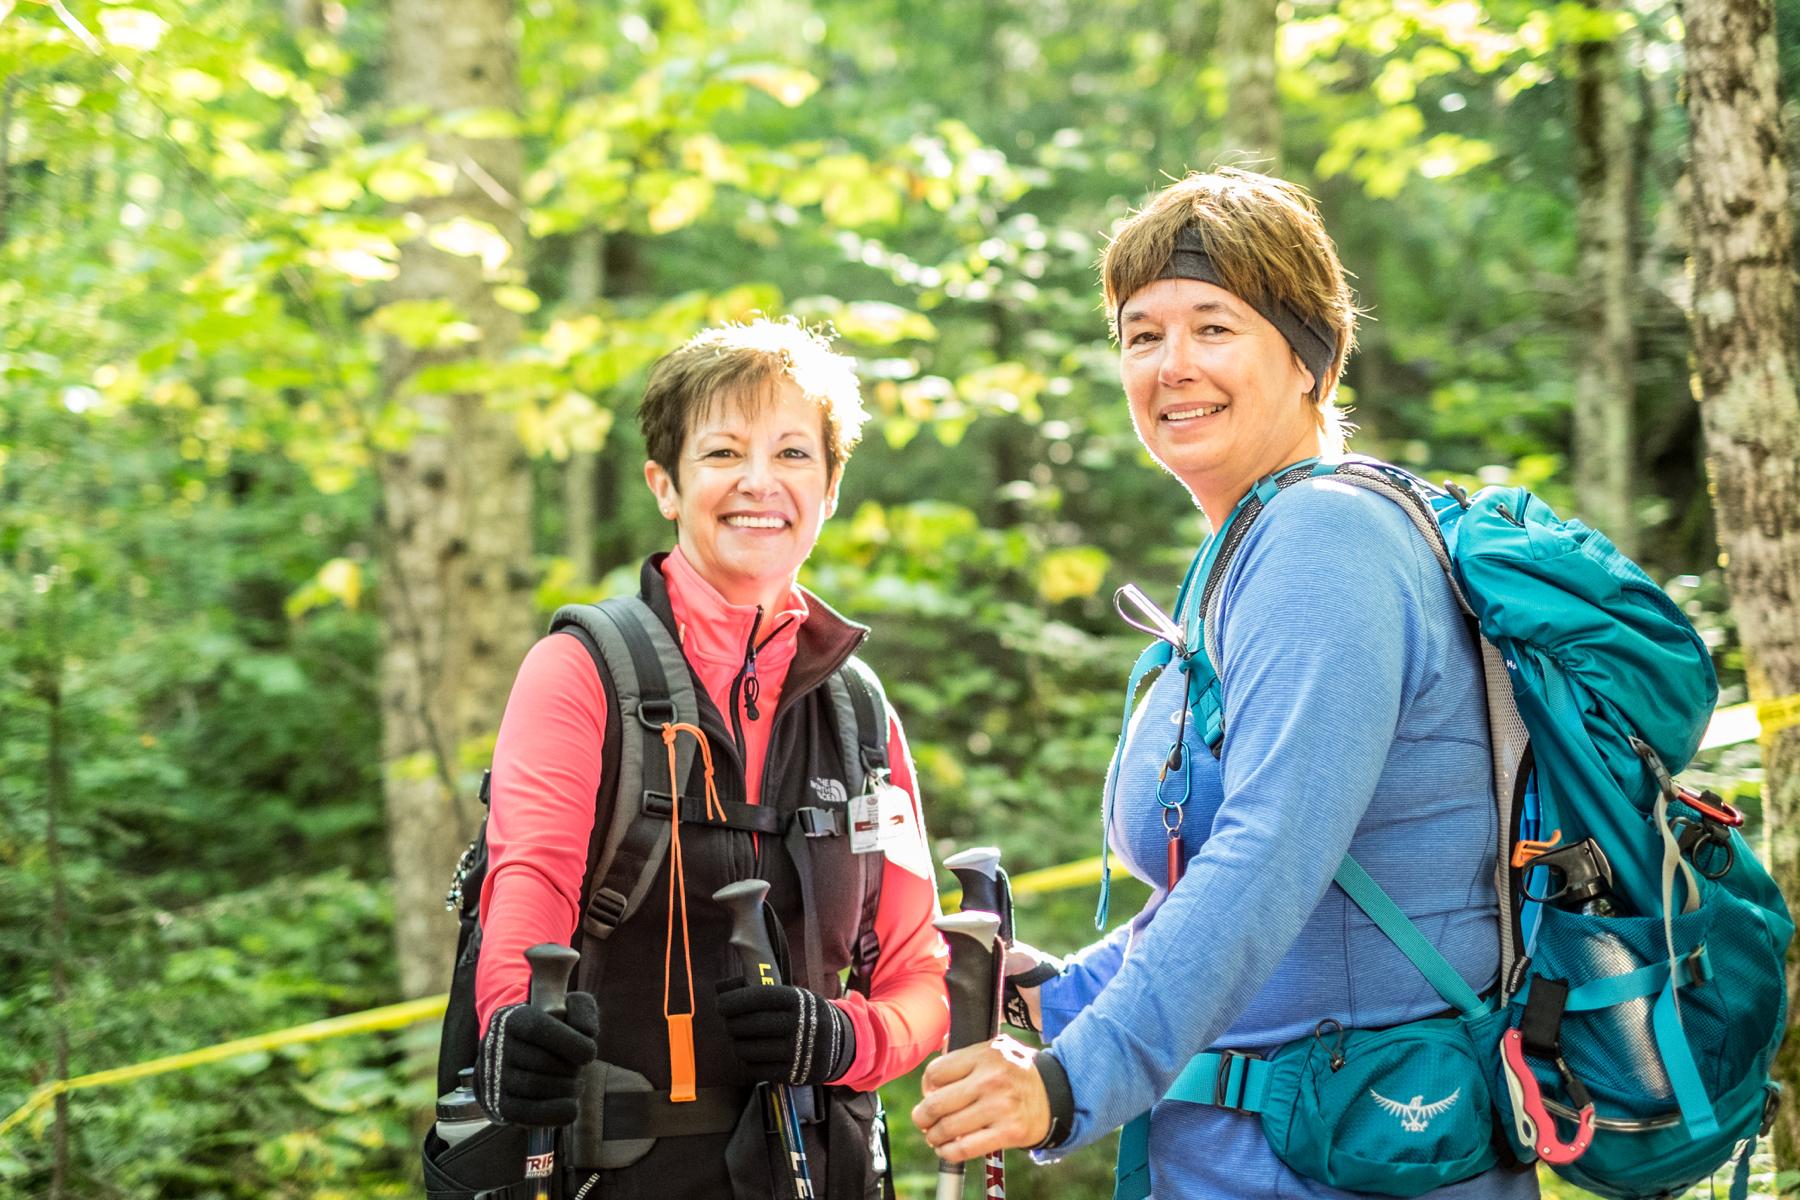 parc-montagne-du-diable-activités-été-randonnee-09